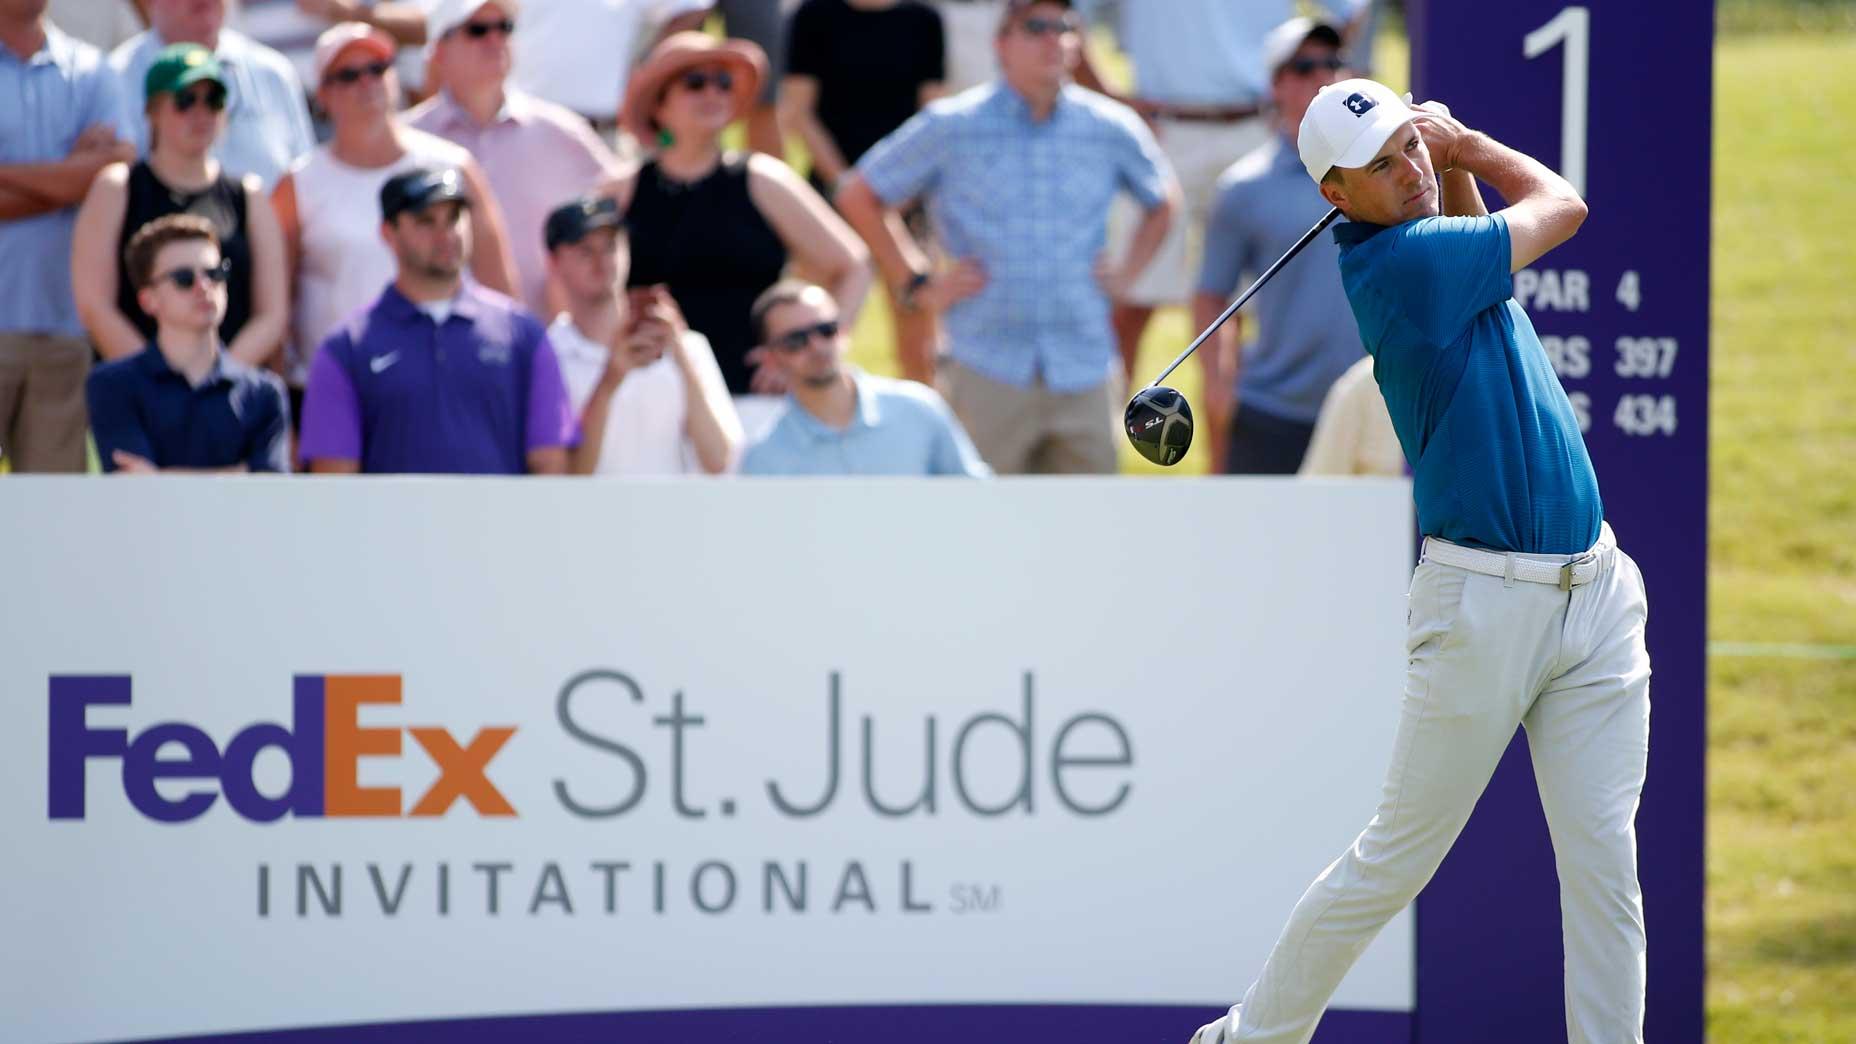 Jordan Spieth at WGC-FedEx St. Jude Invitational